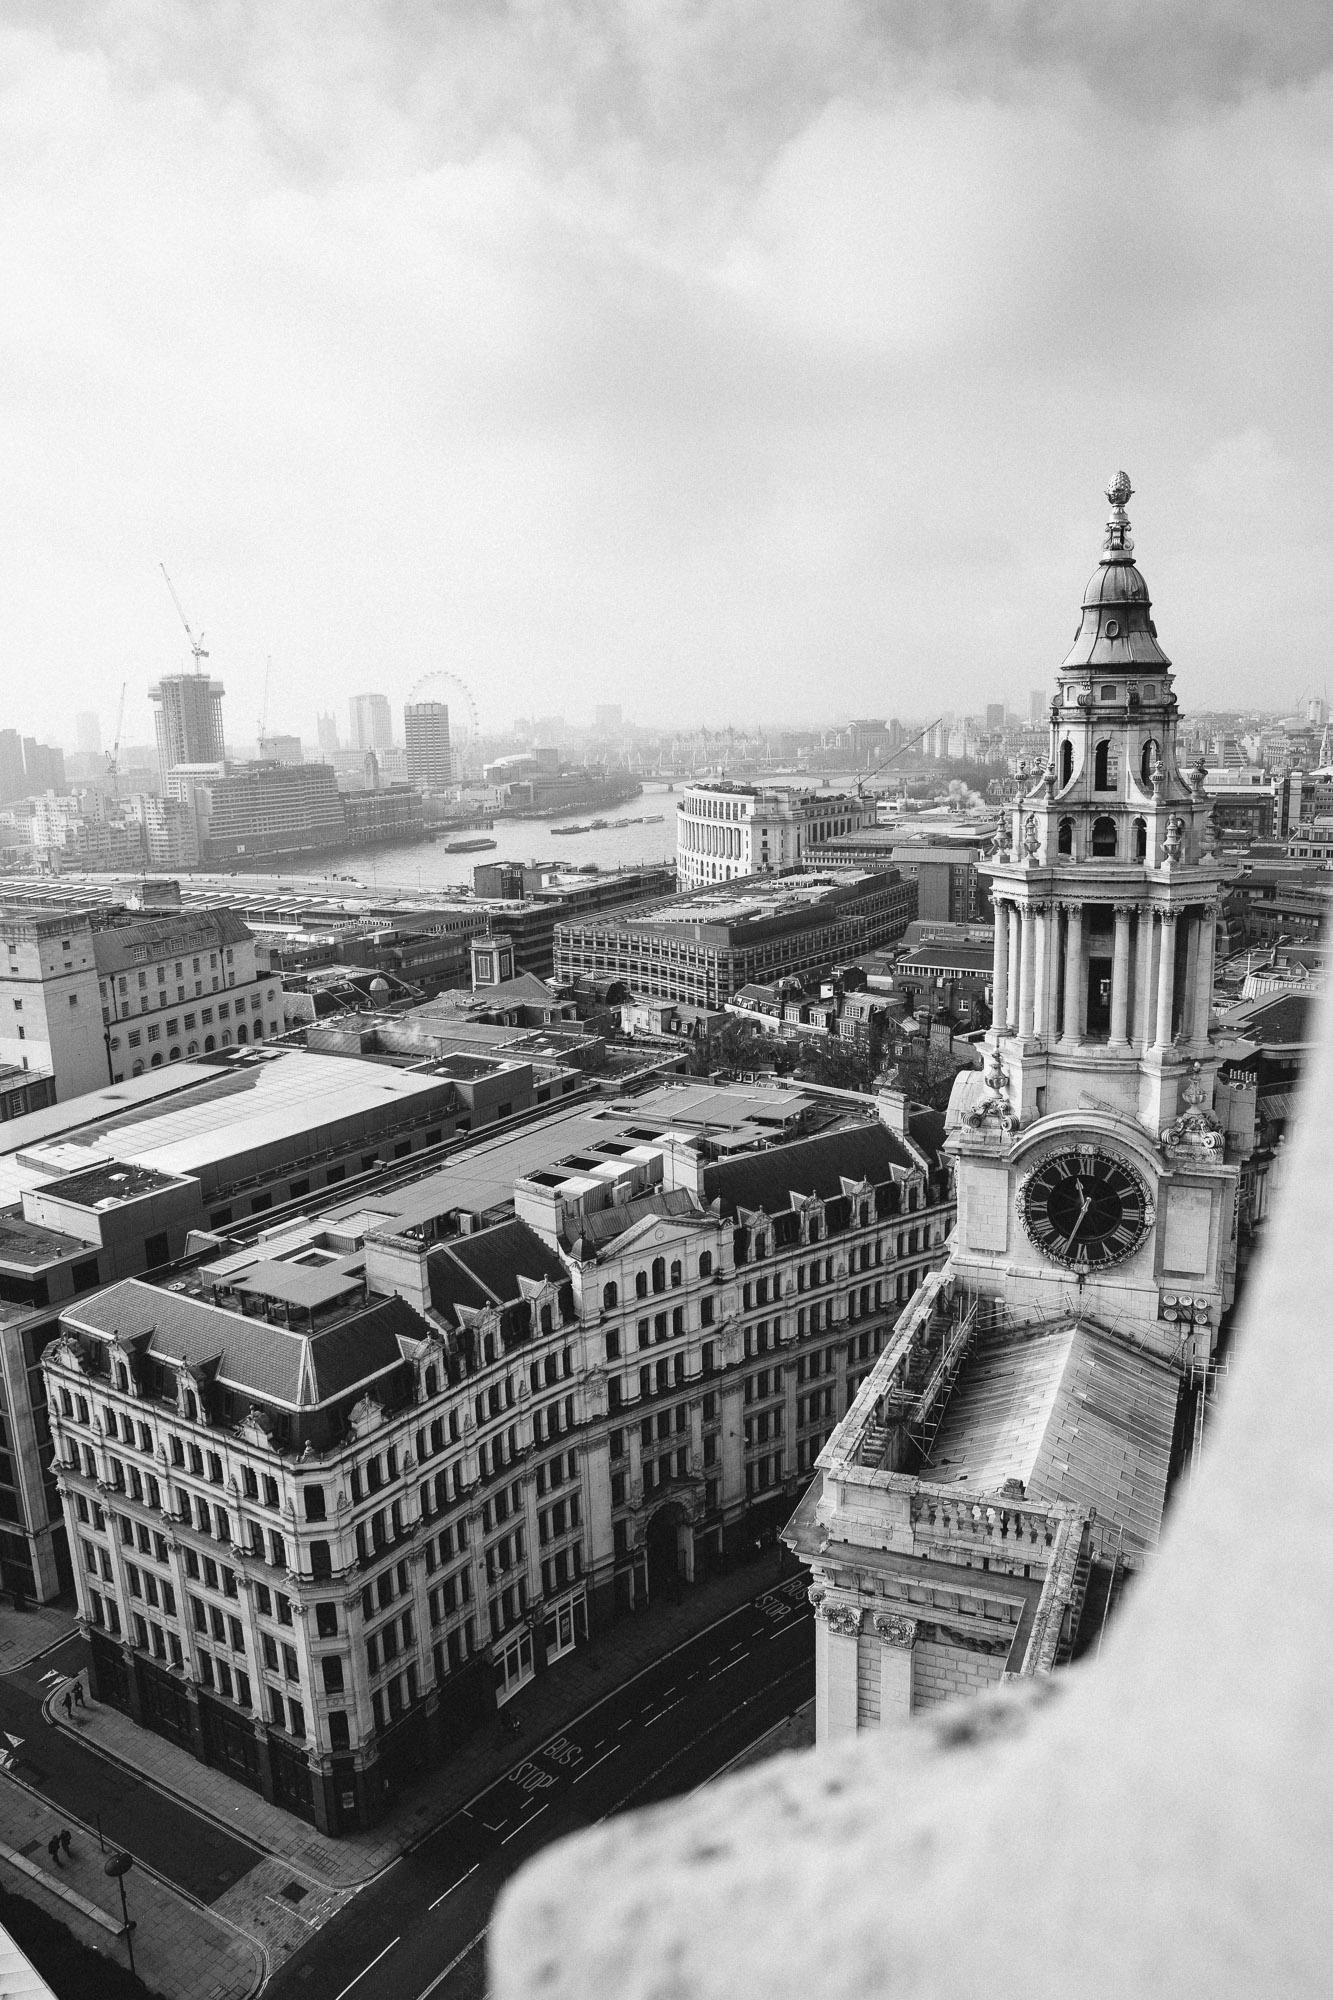 London-140301-0056.jpg